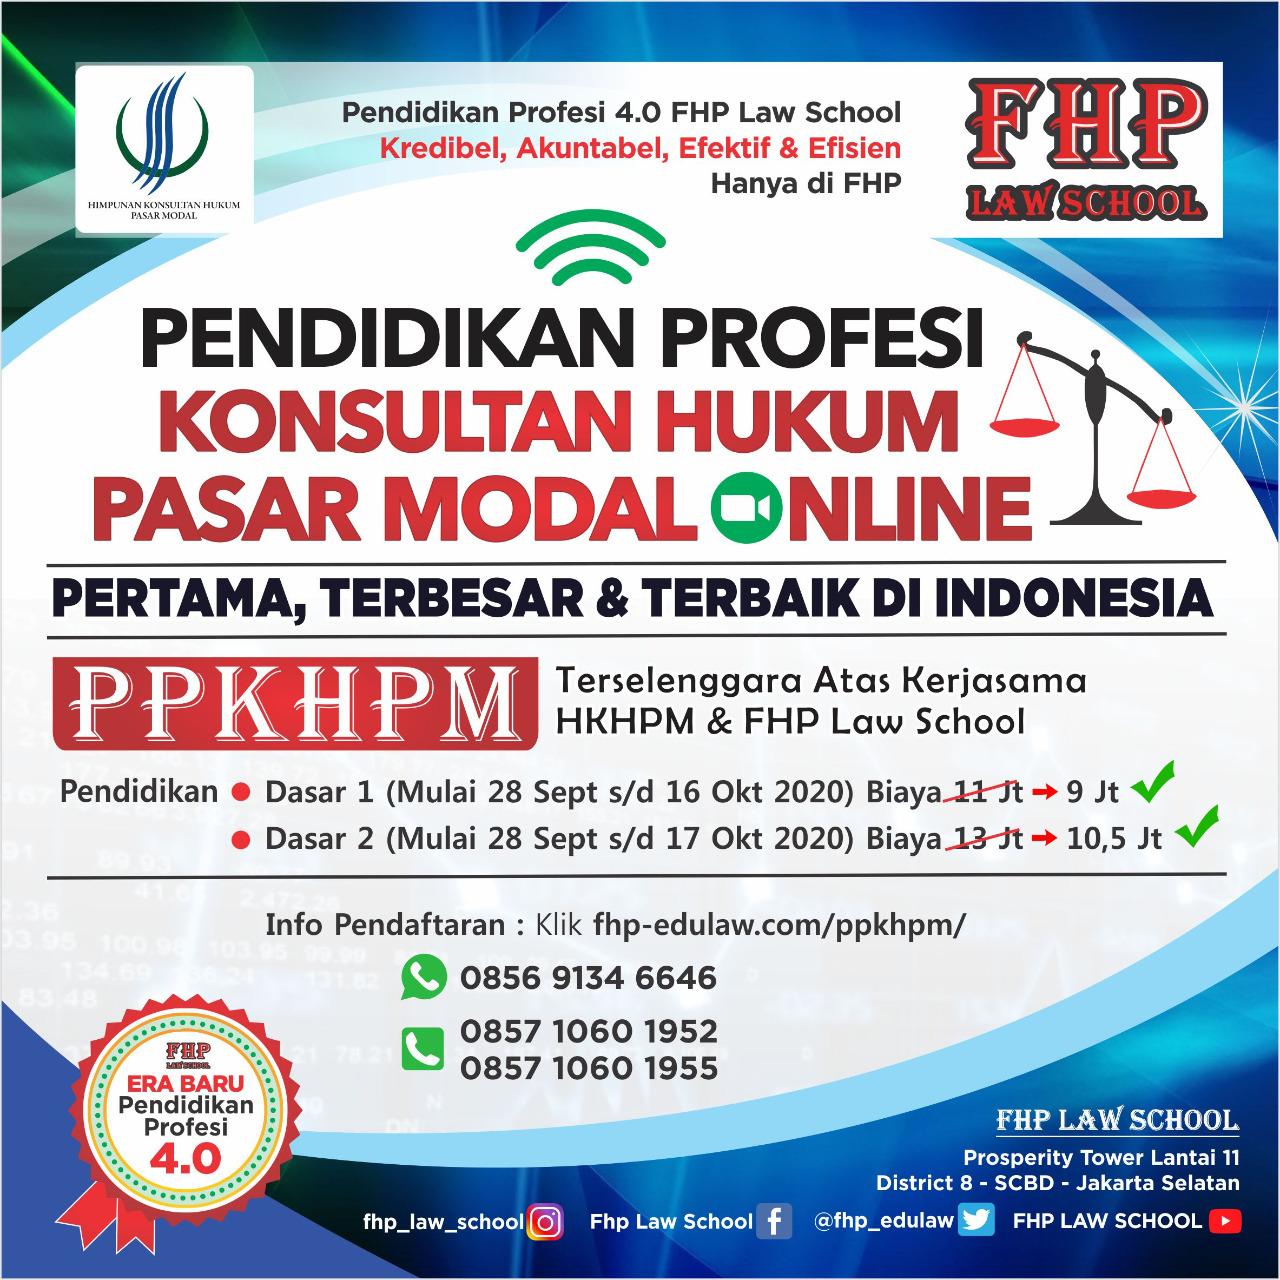 PPKHPM-D1-dan-D2-Online-2020-September-2020